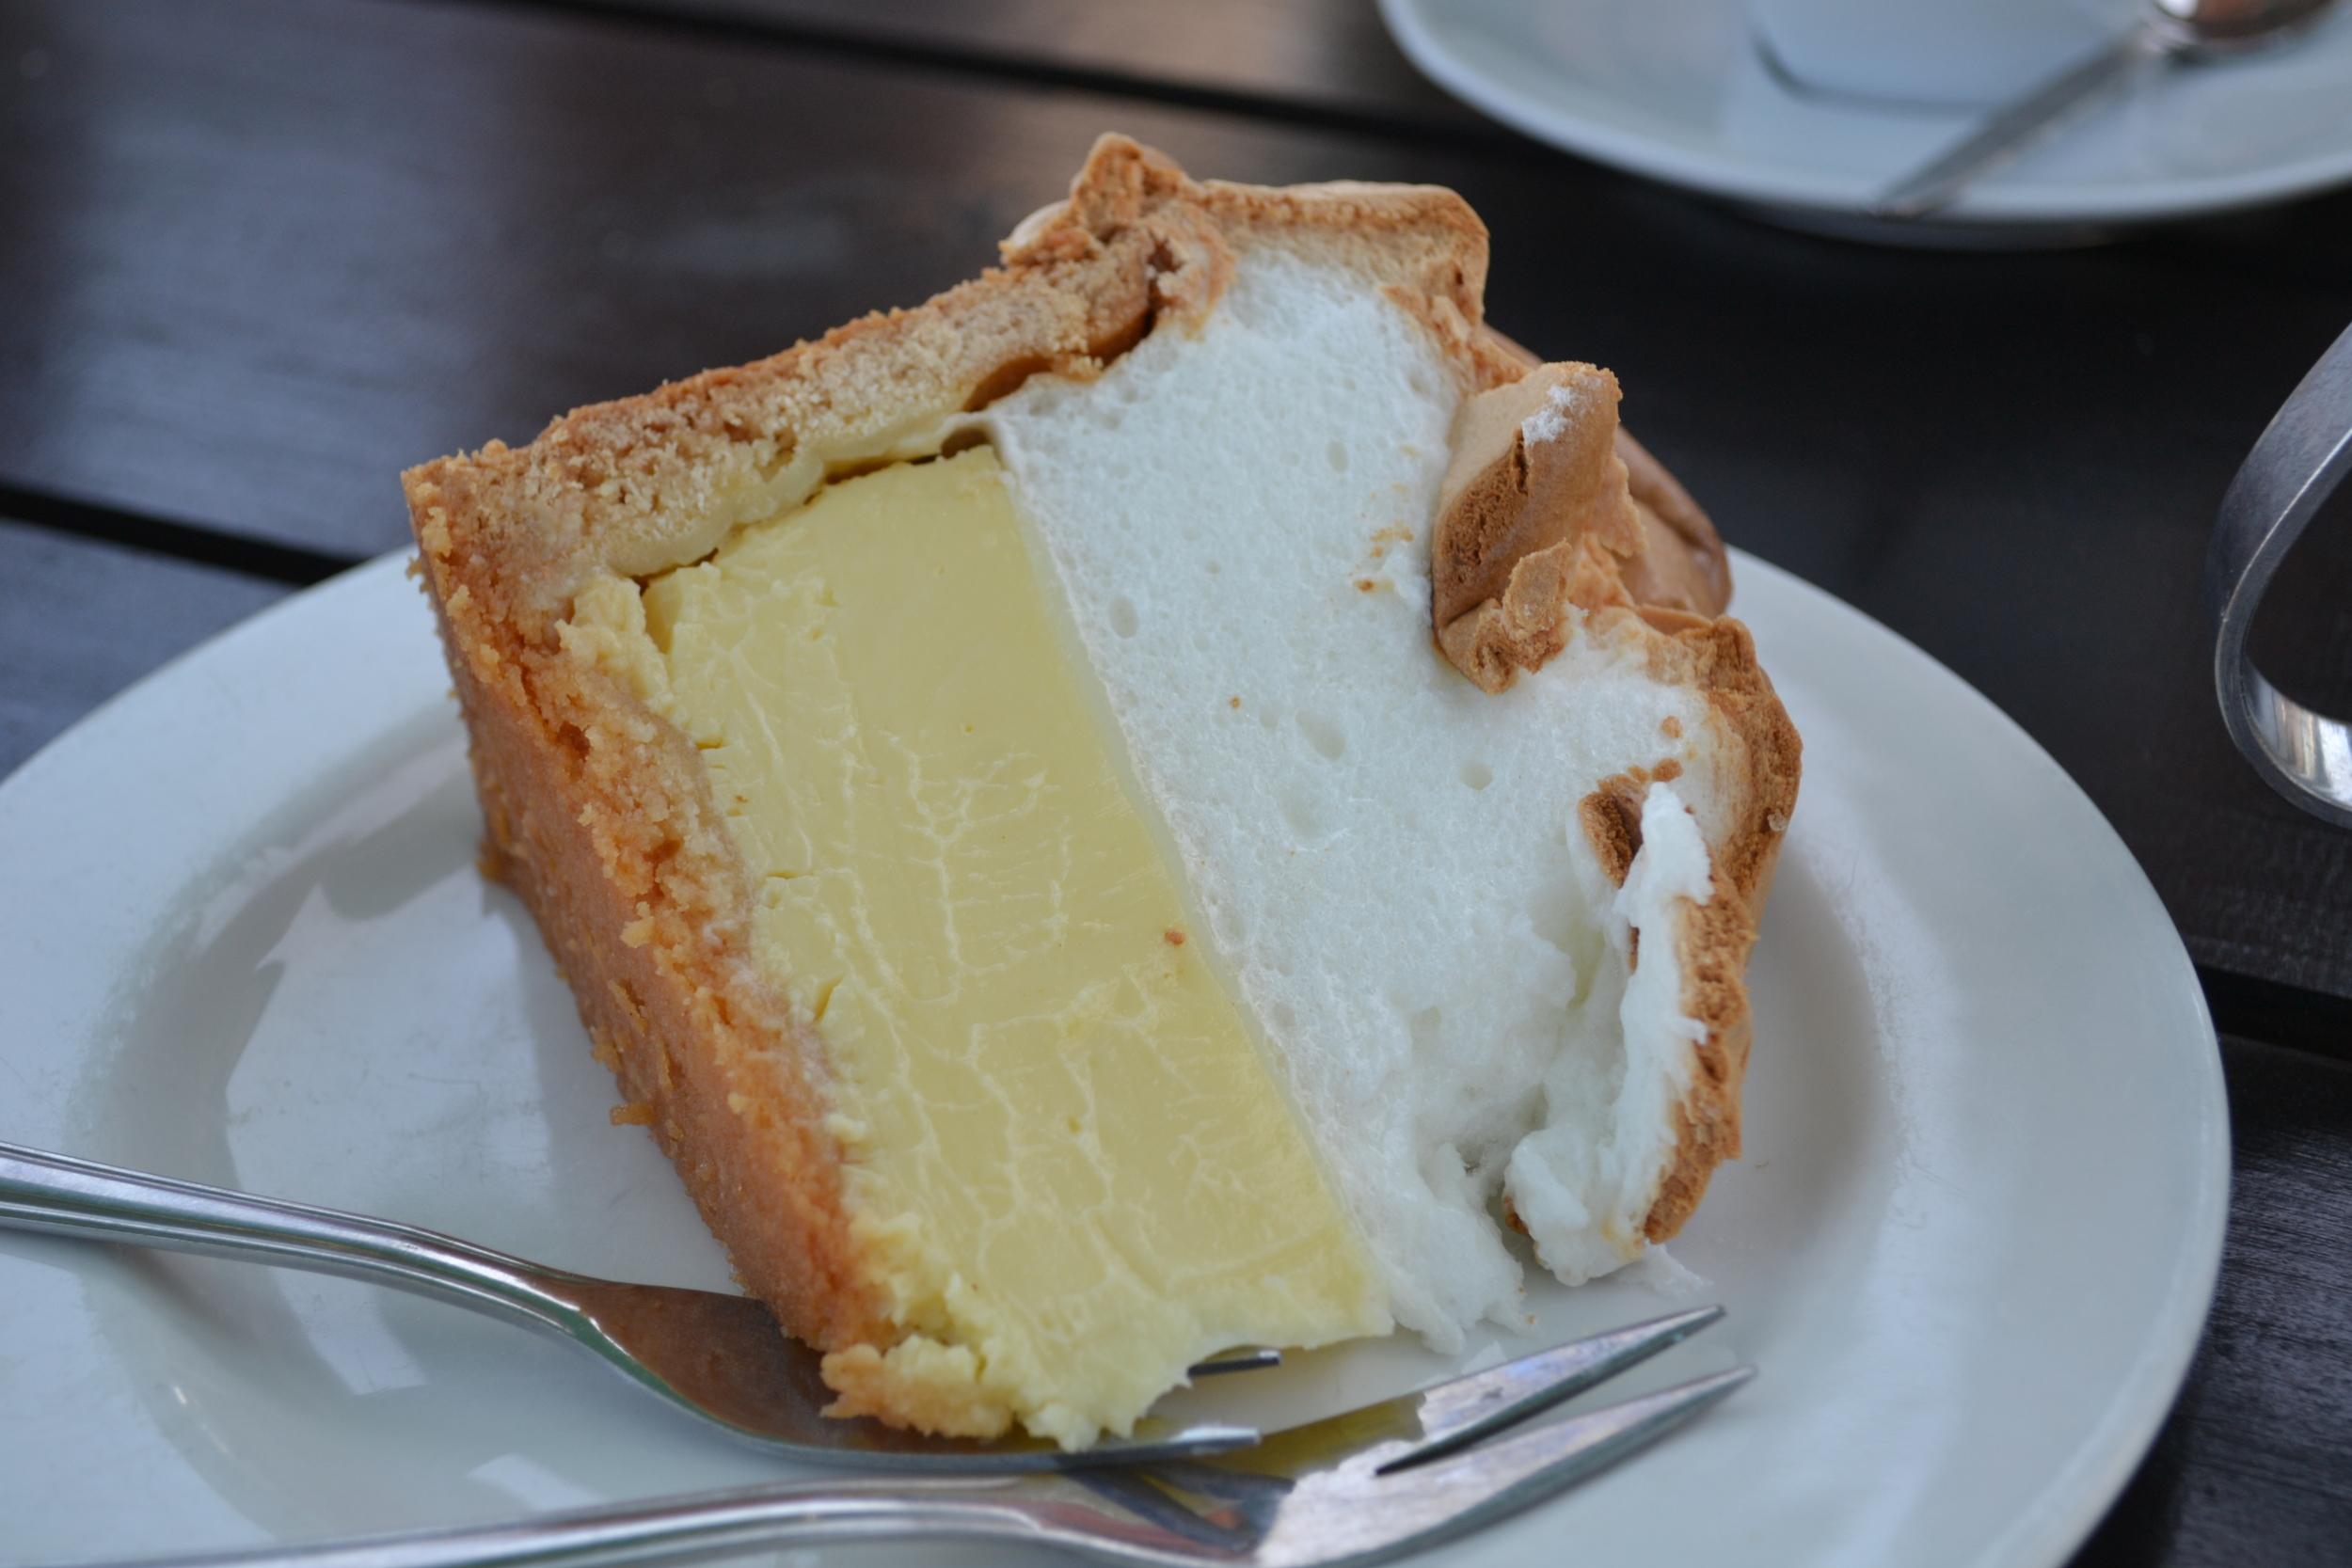 Cape Town lemon meringue pie